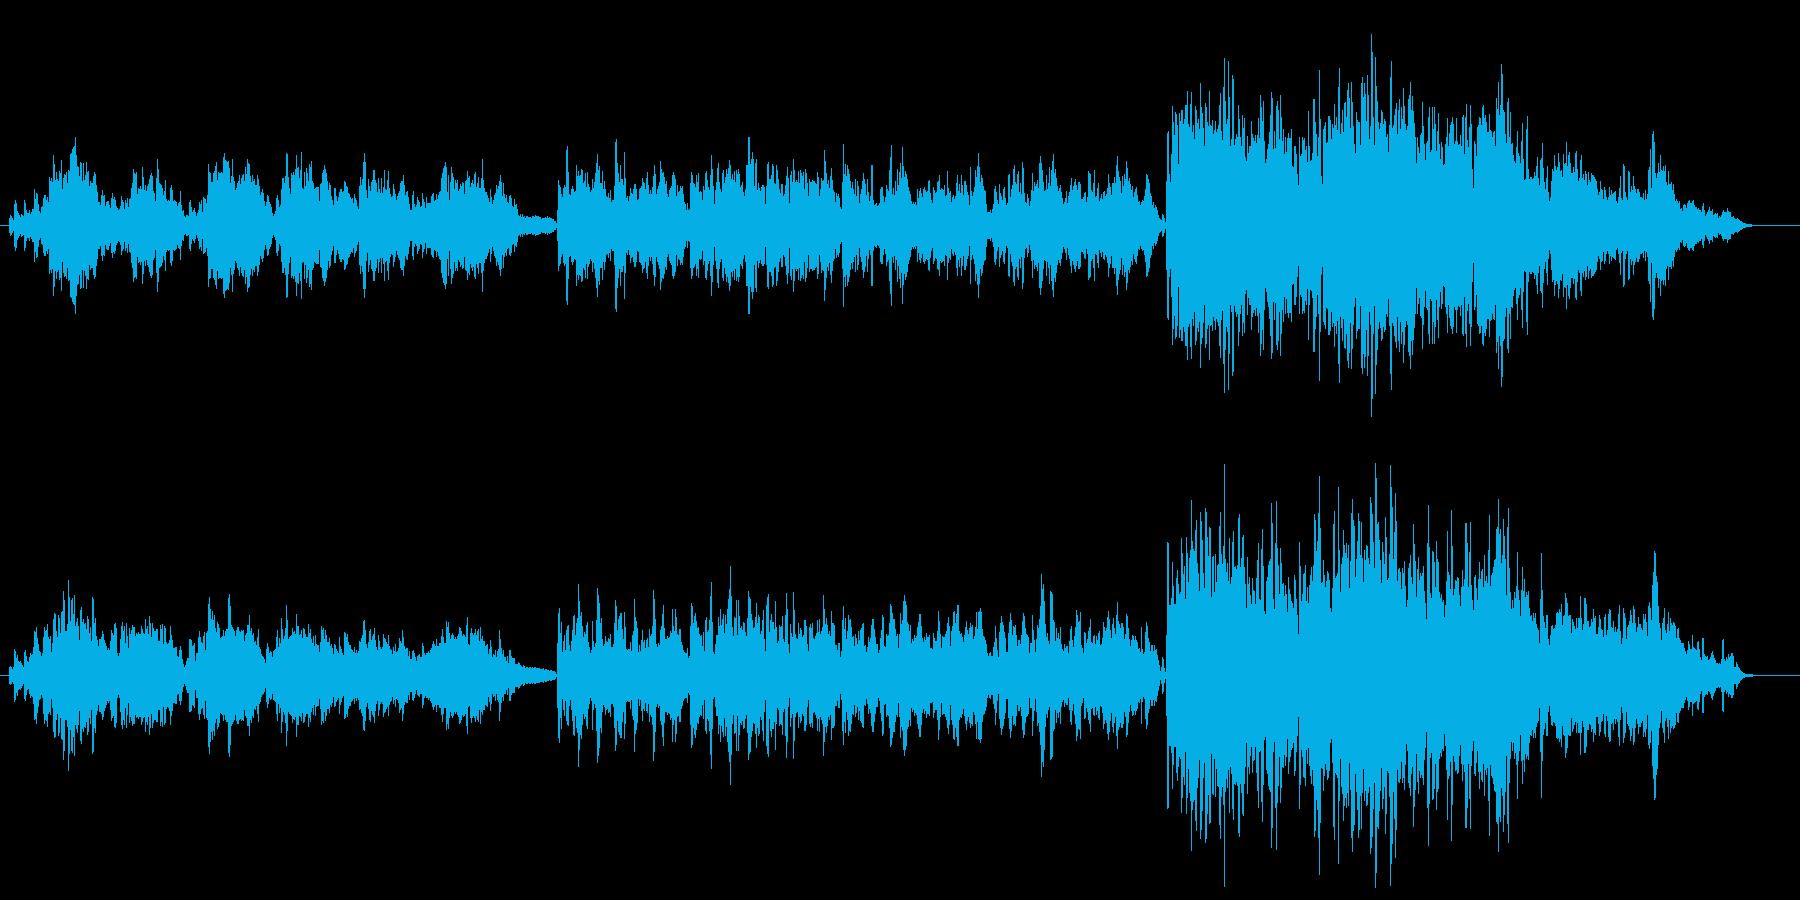 ダッタン人の娘達の踊り 和風オケVerの再生済みの波形